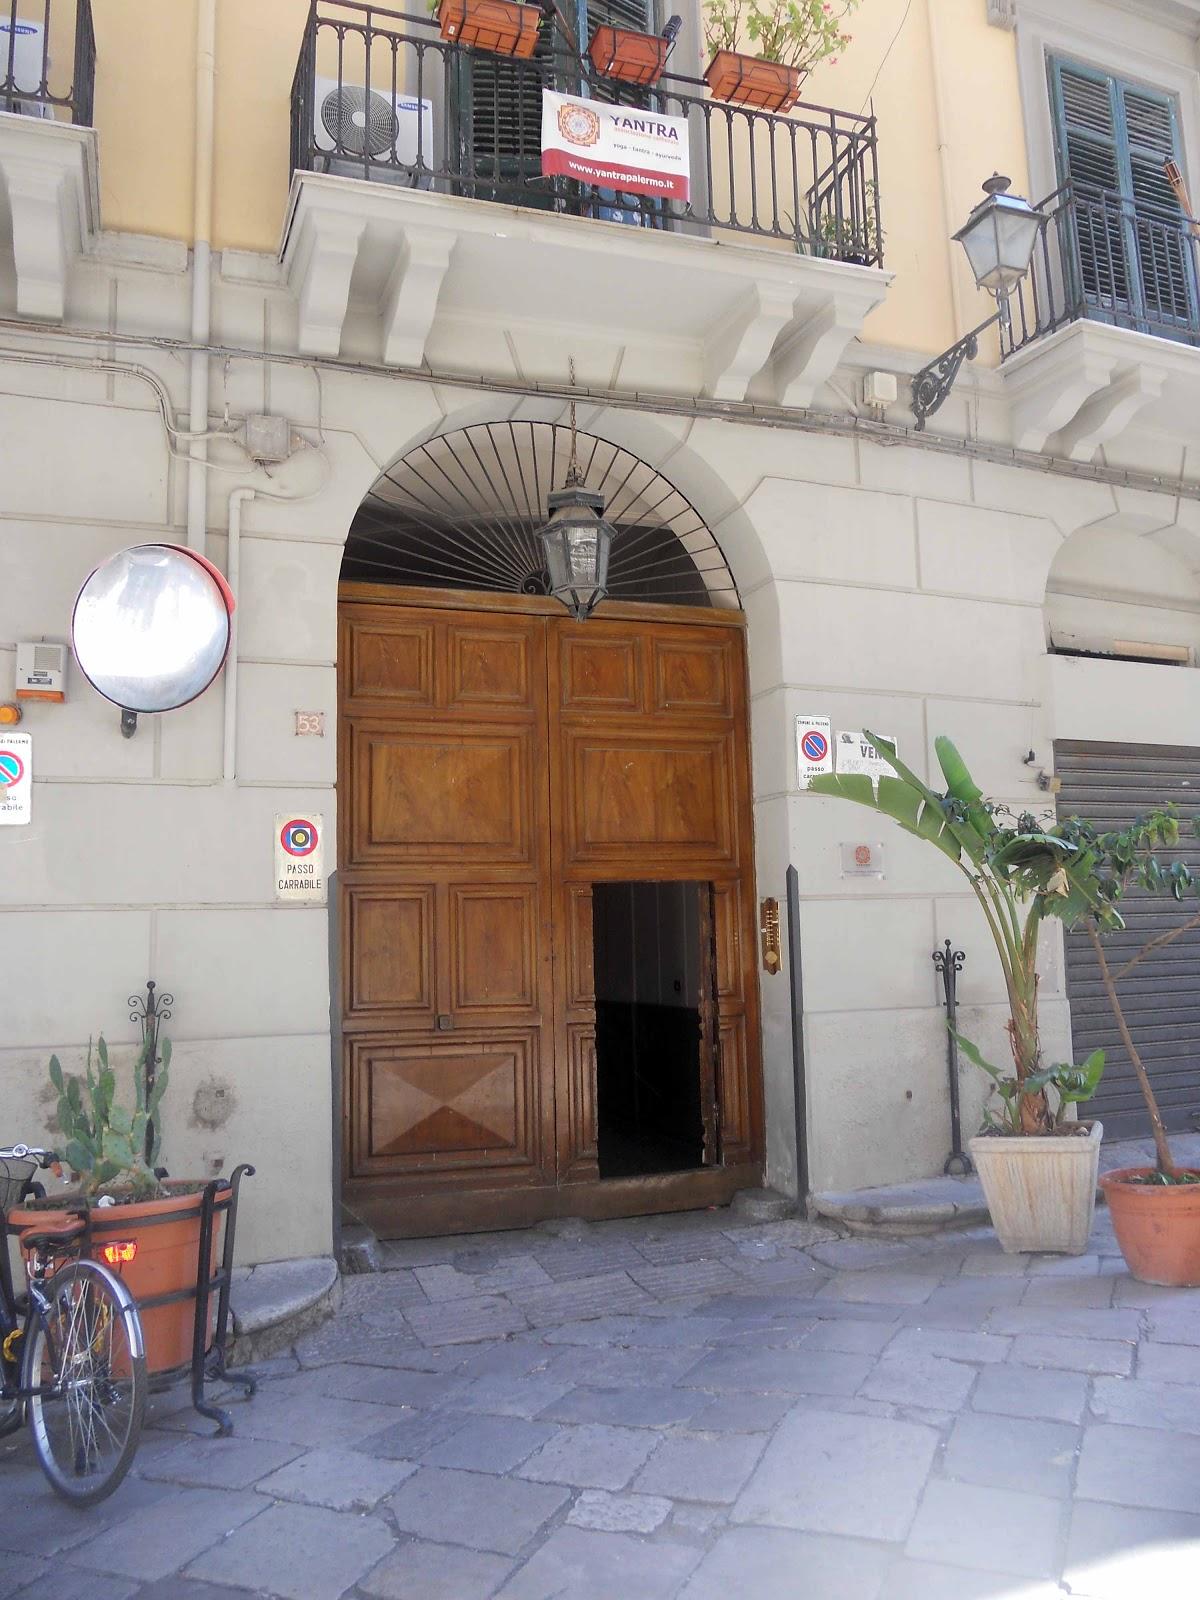 Casa in centro a palermo for Appartamento centro storico palermo